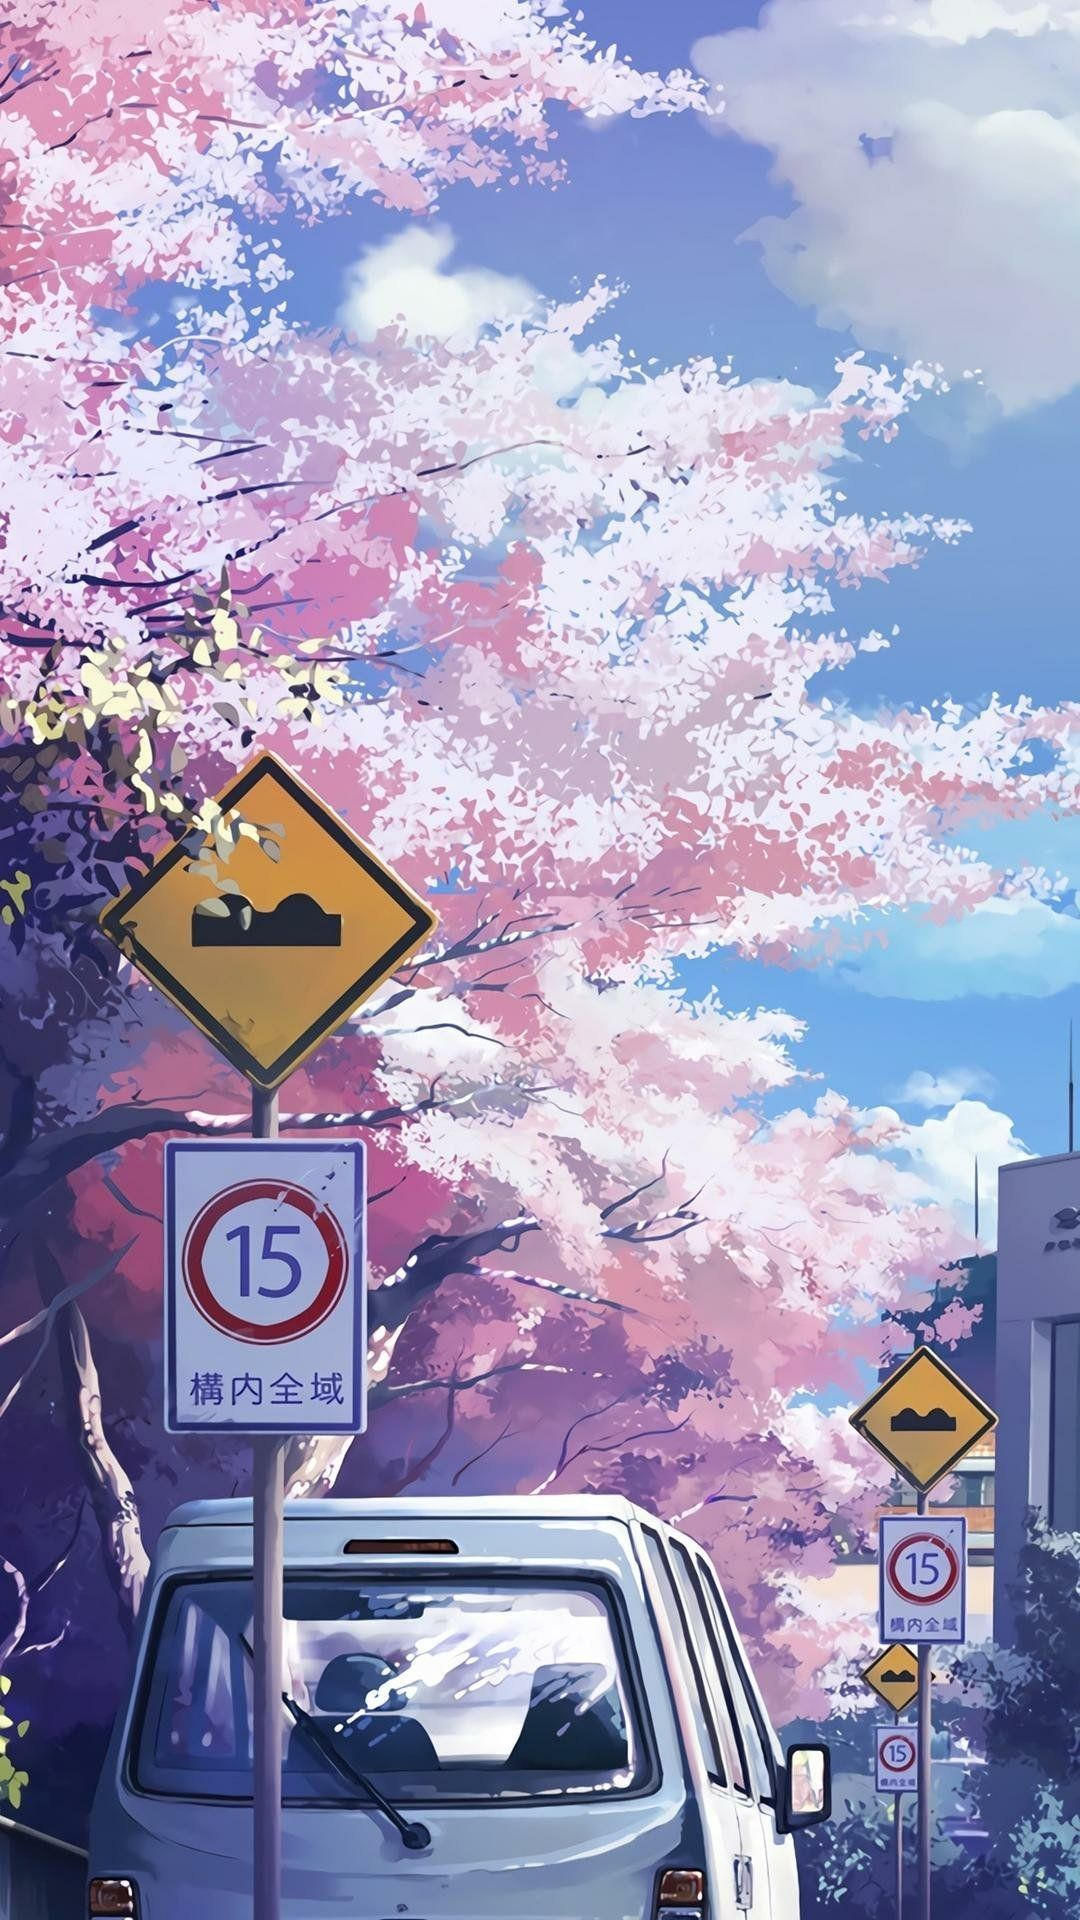 有无日本高清街景壁纸推荐?